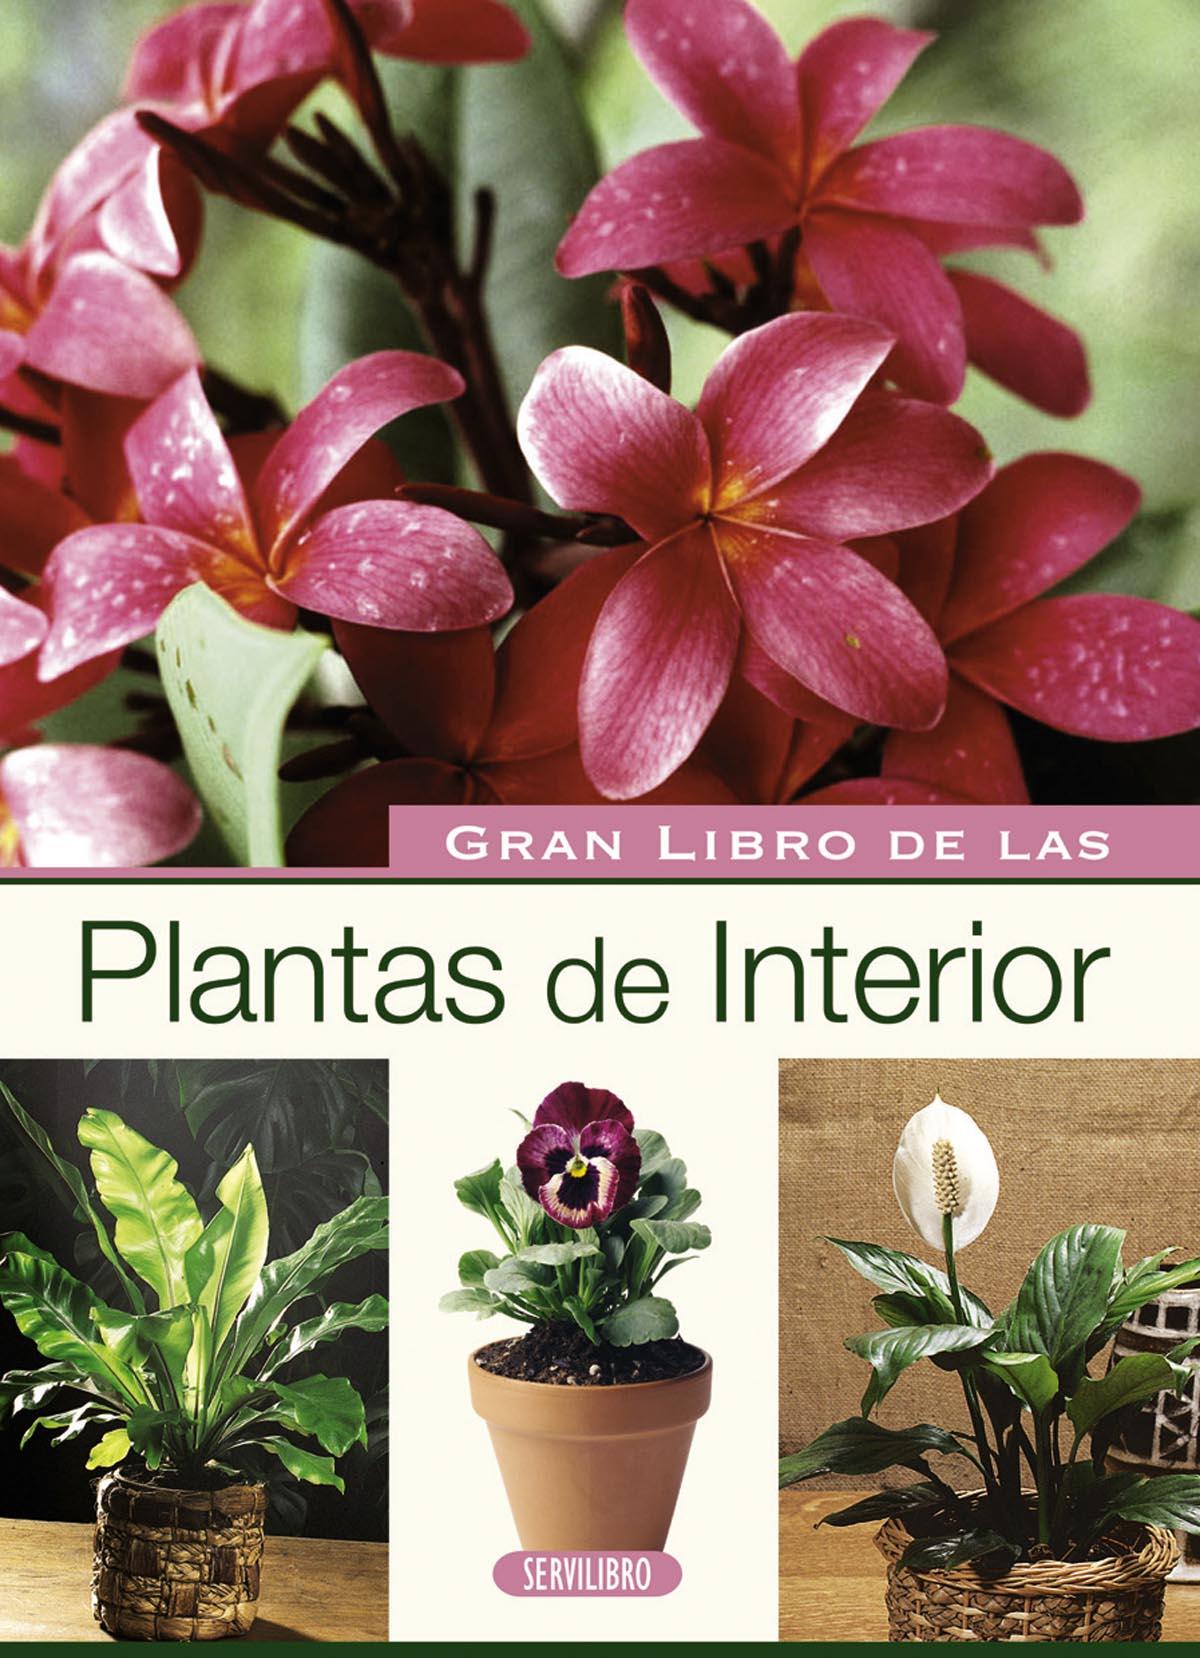 Jardiner a libros servilibro ediciones plantas de interior - Libros sobre jardineria ...